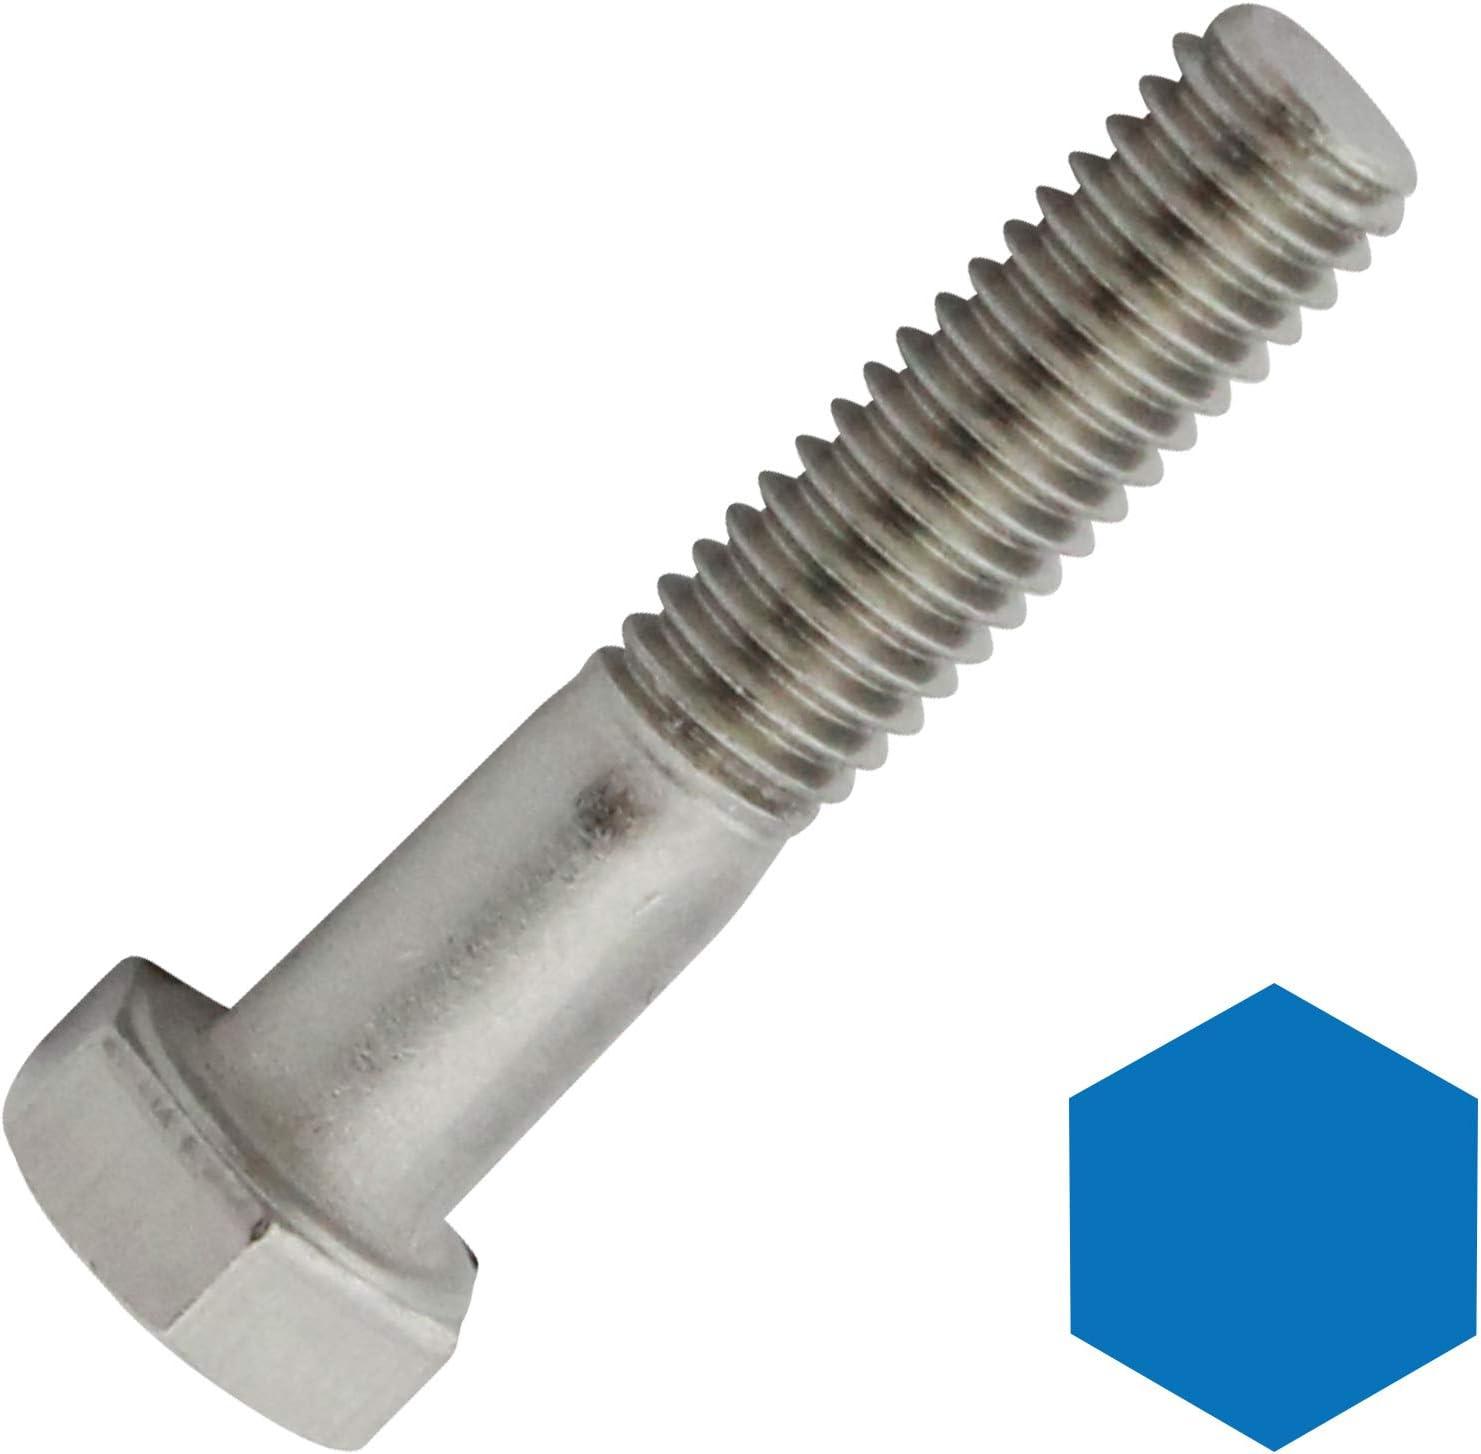 V2A ISO 4014 en acier inoxydable A2 Lot de 4 vis /à t/ête hexagonale avec tige DIN 931